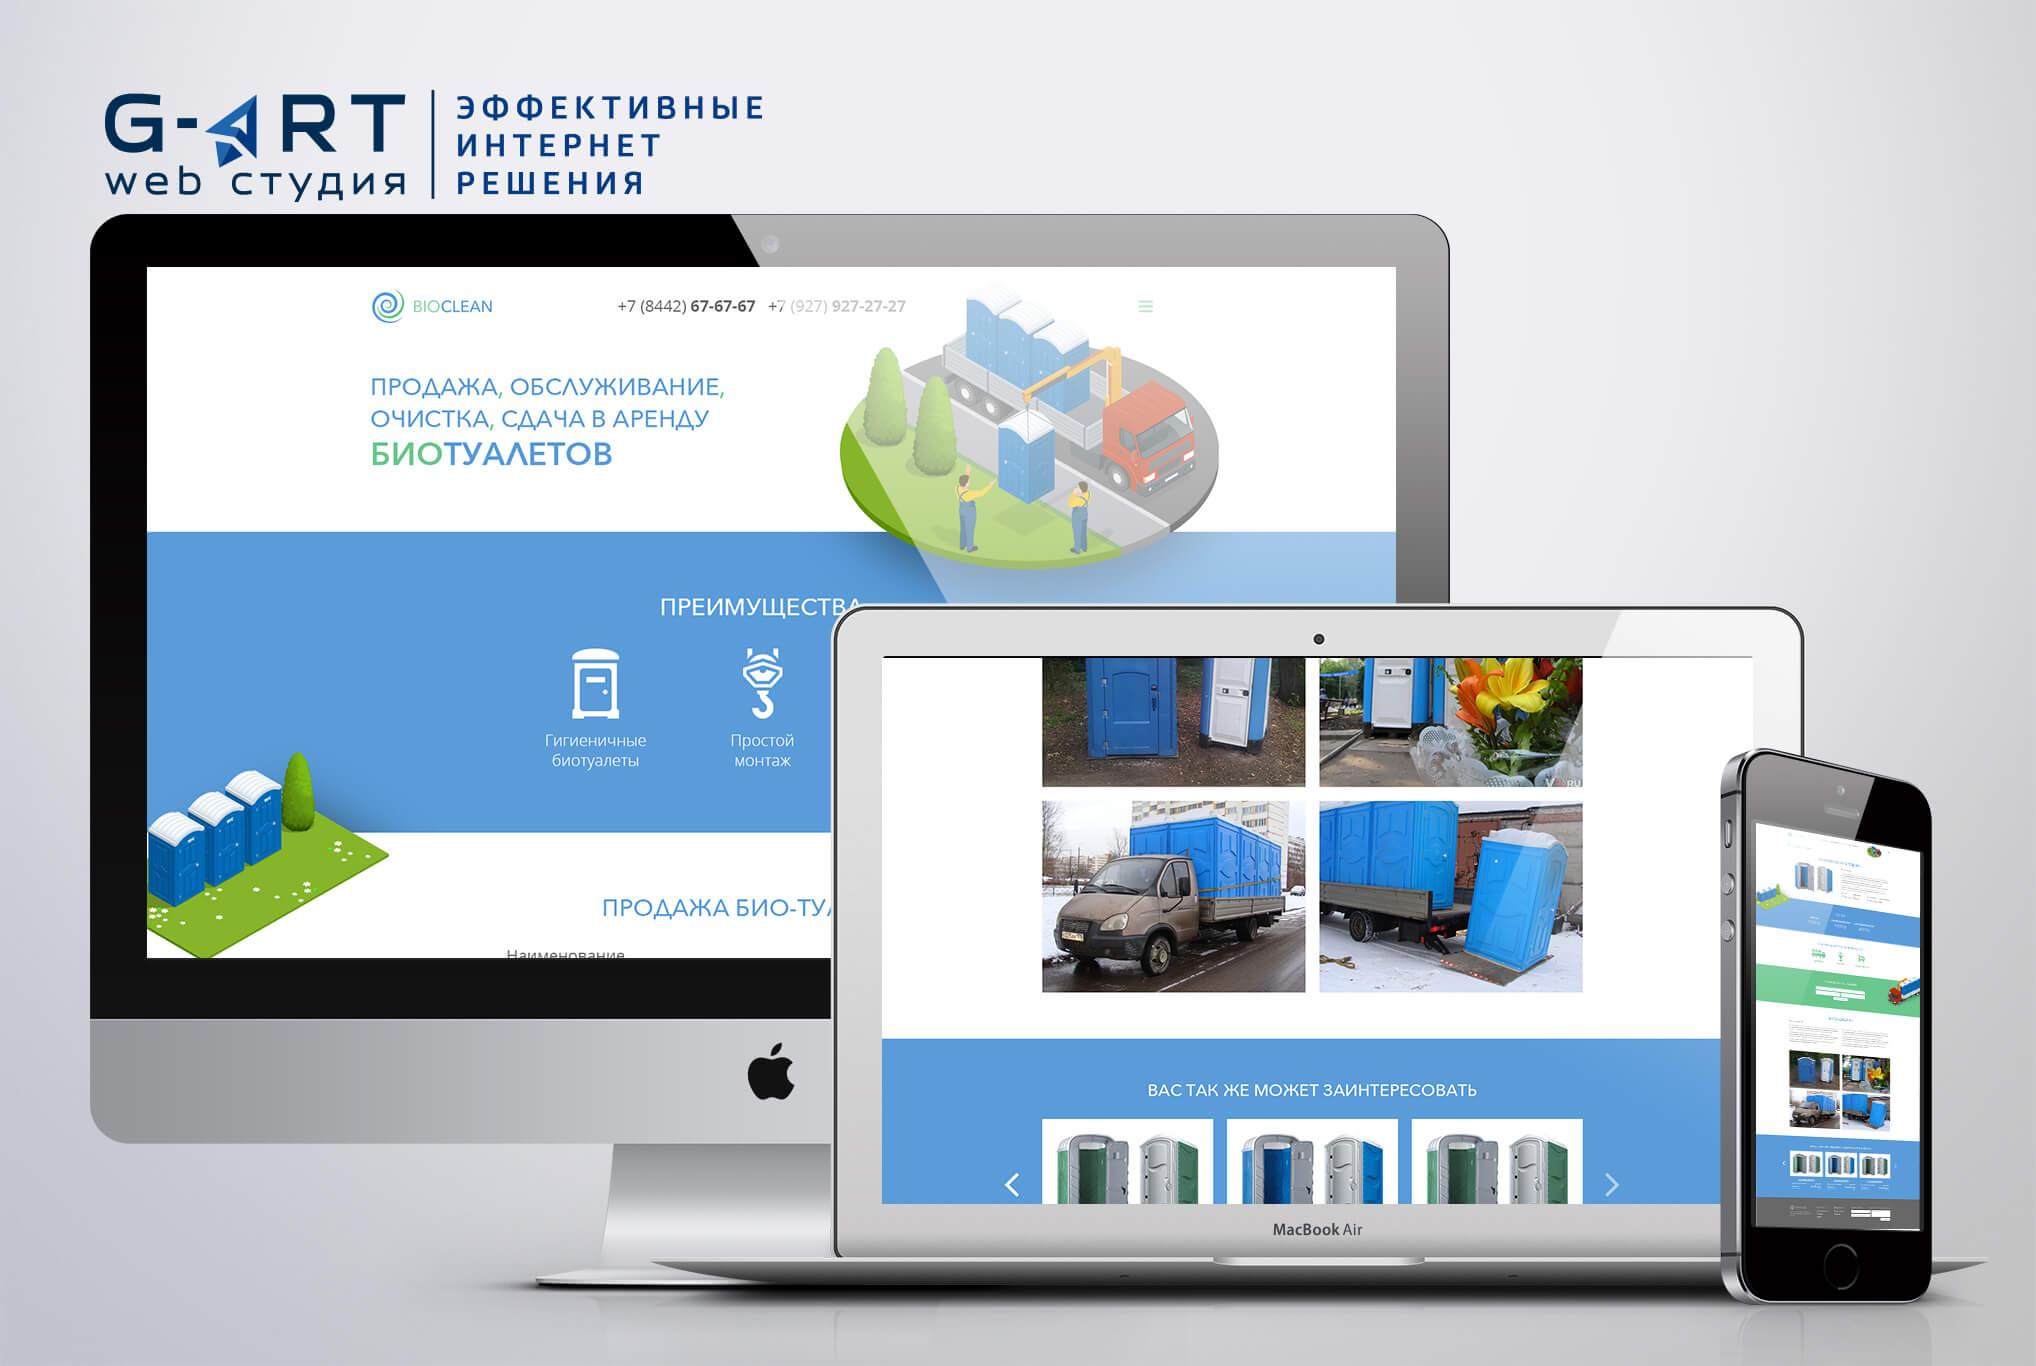 Вэб дизайн, изготовление сайтов, раскрутка сайта, яндекс реклама ames/page/2 внешняя реклама для сайта туристического агентства